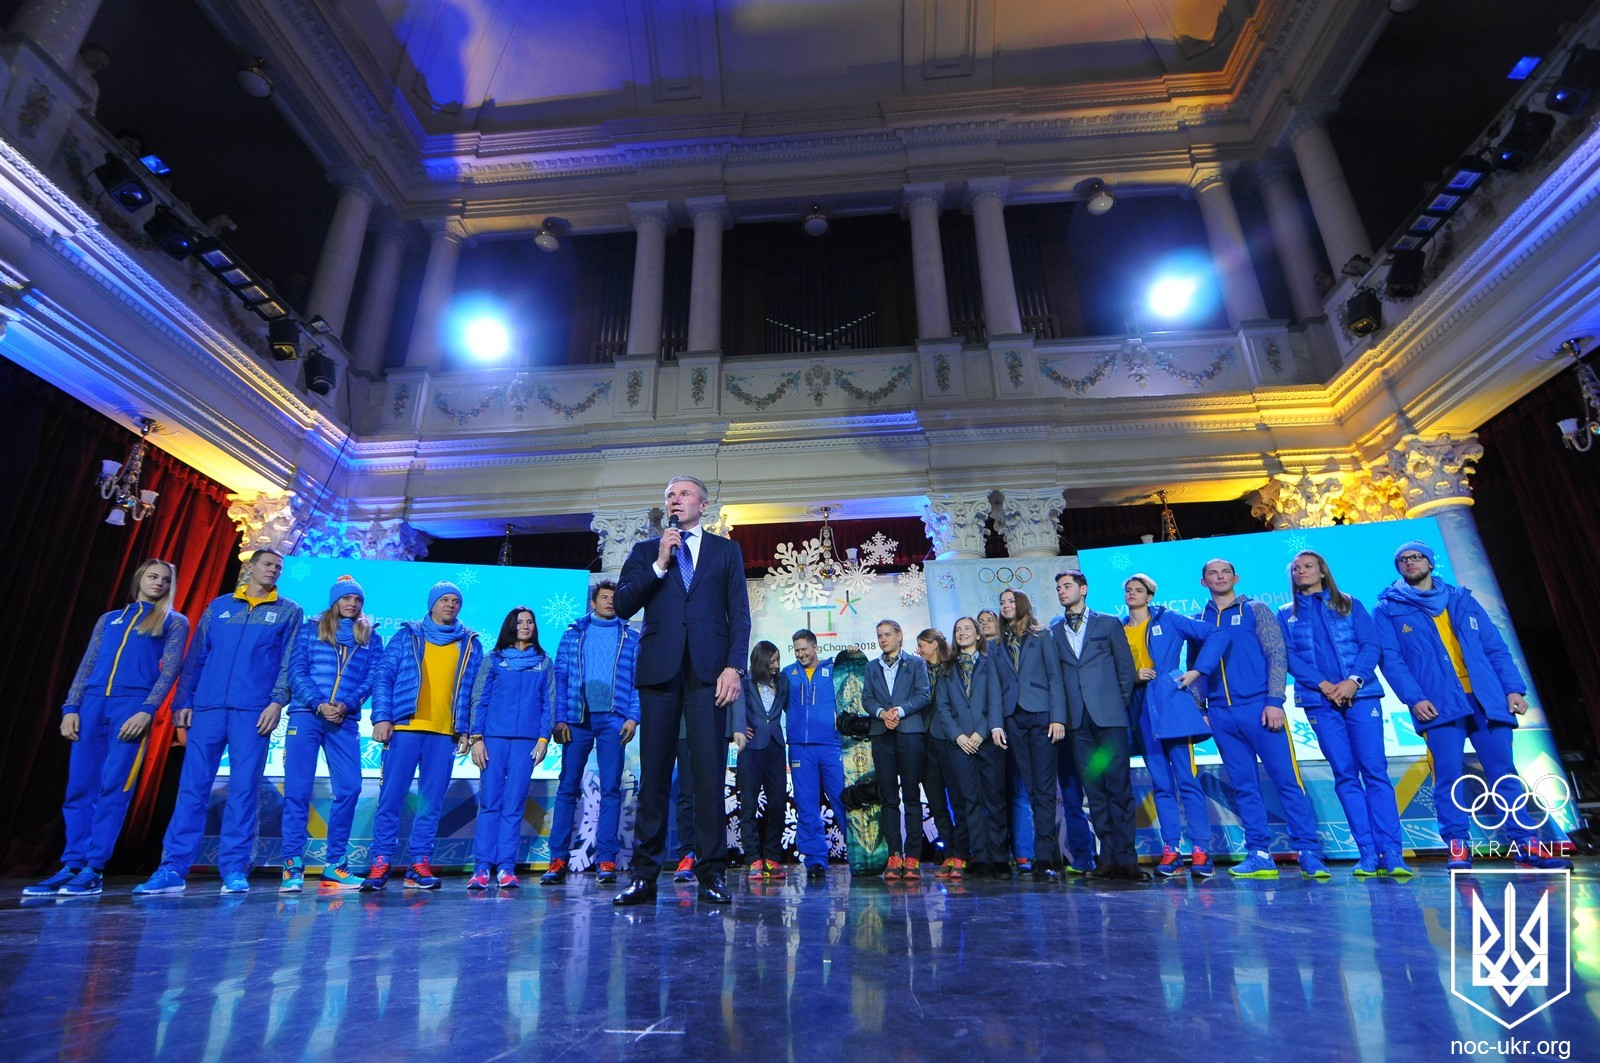 Презентація Олімпійської форми на Ігри-2018-33839